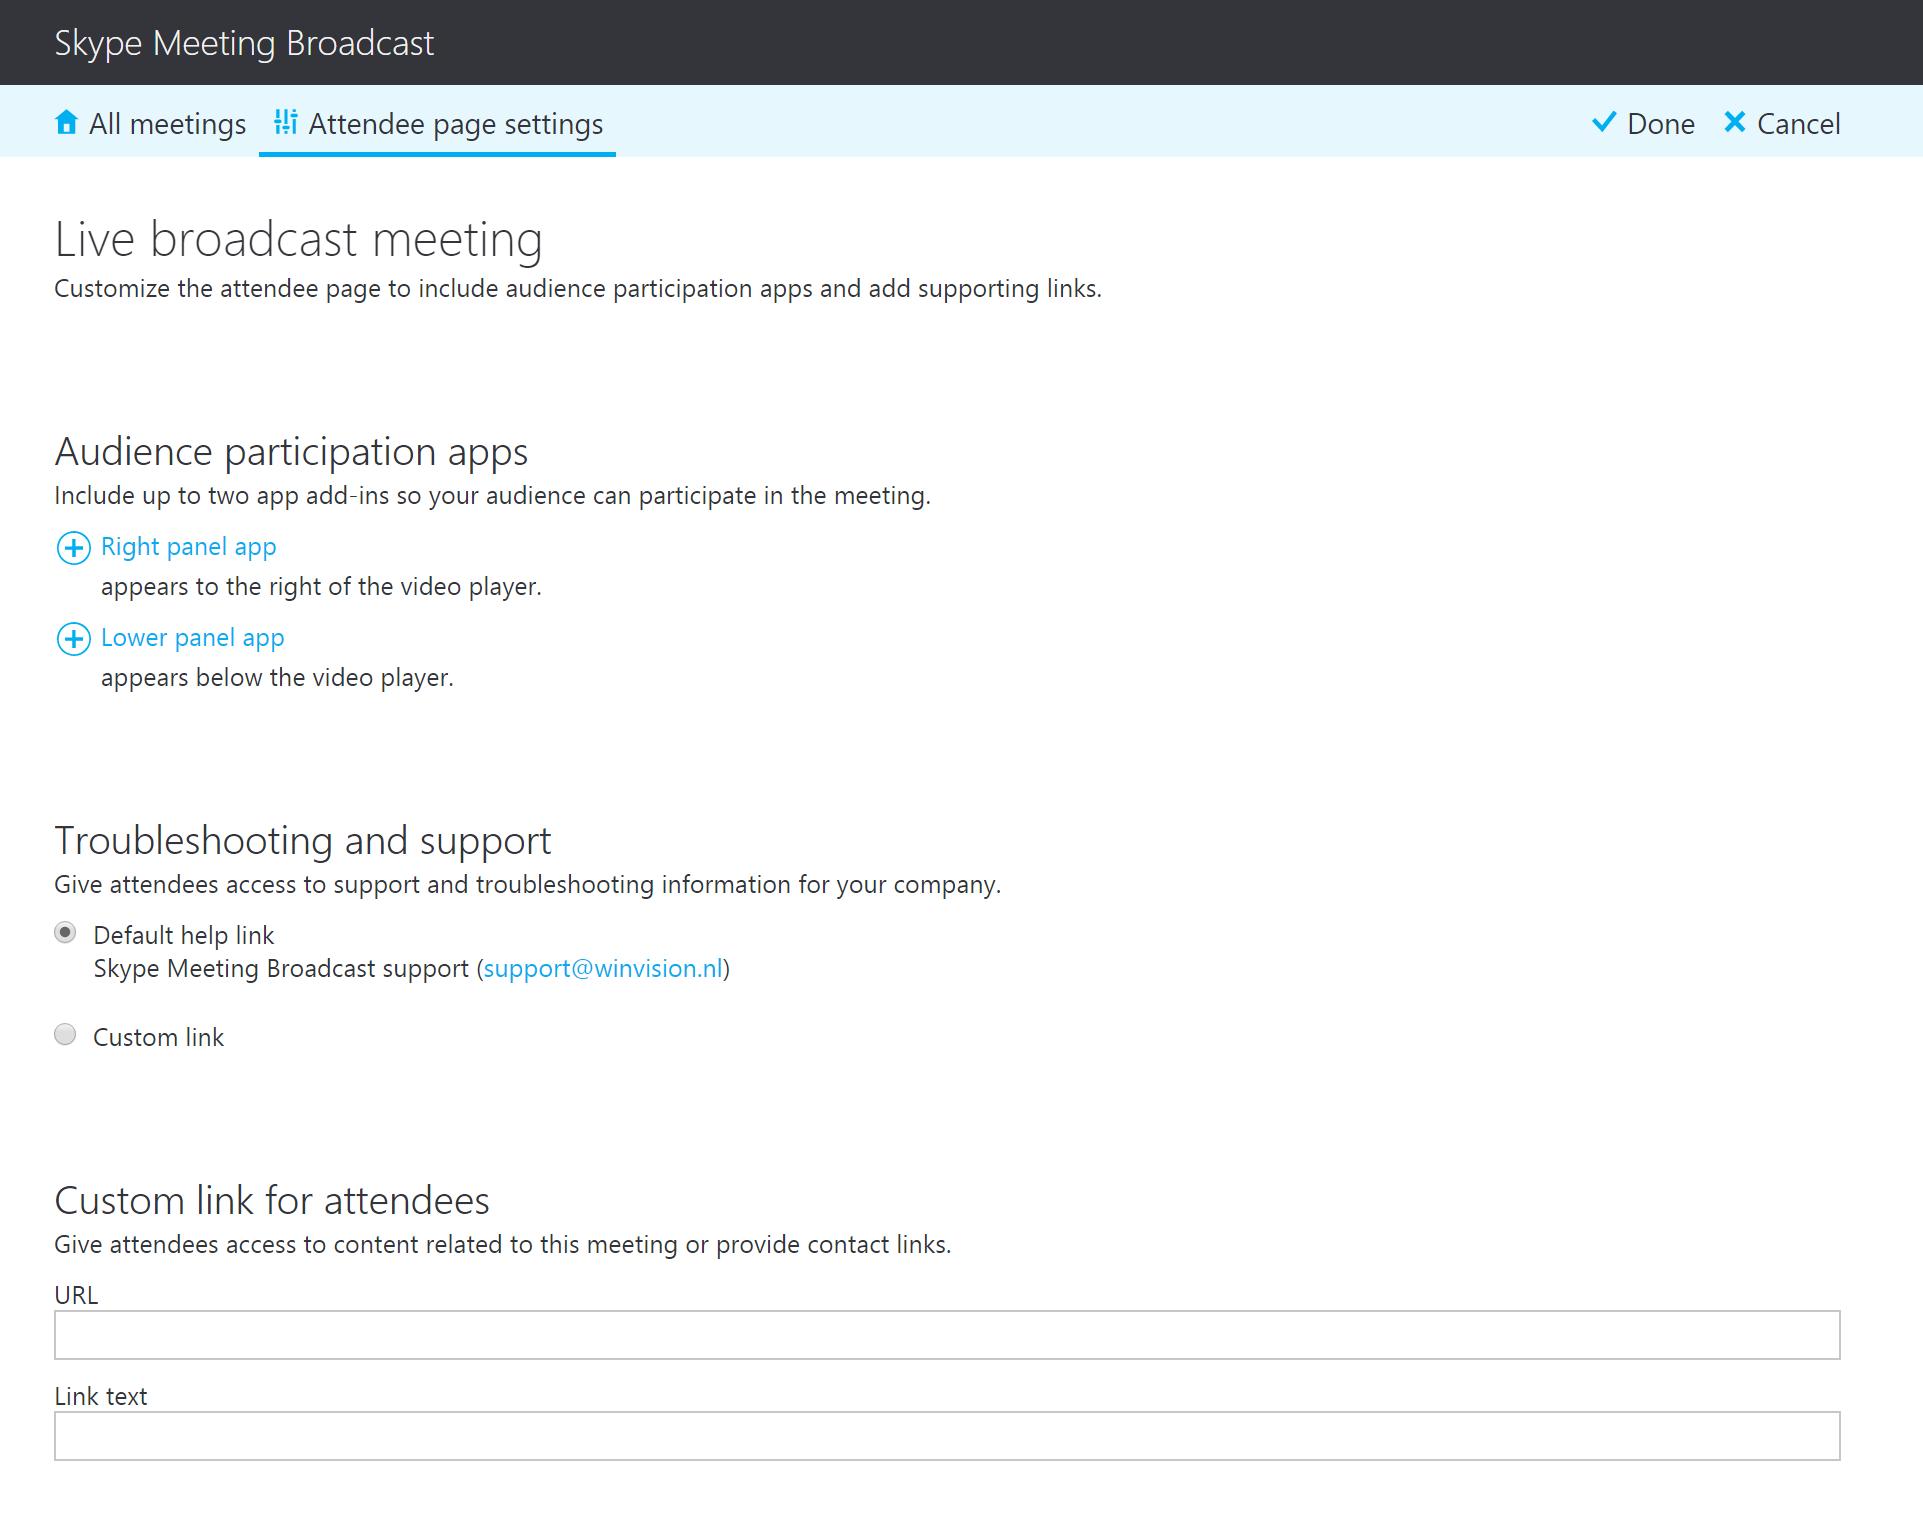 Overzicht configuratie attendee Skype Meeting Broadcast